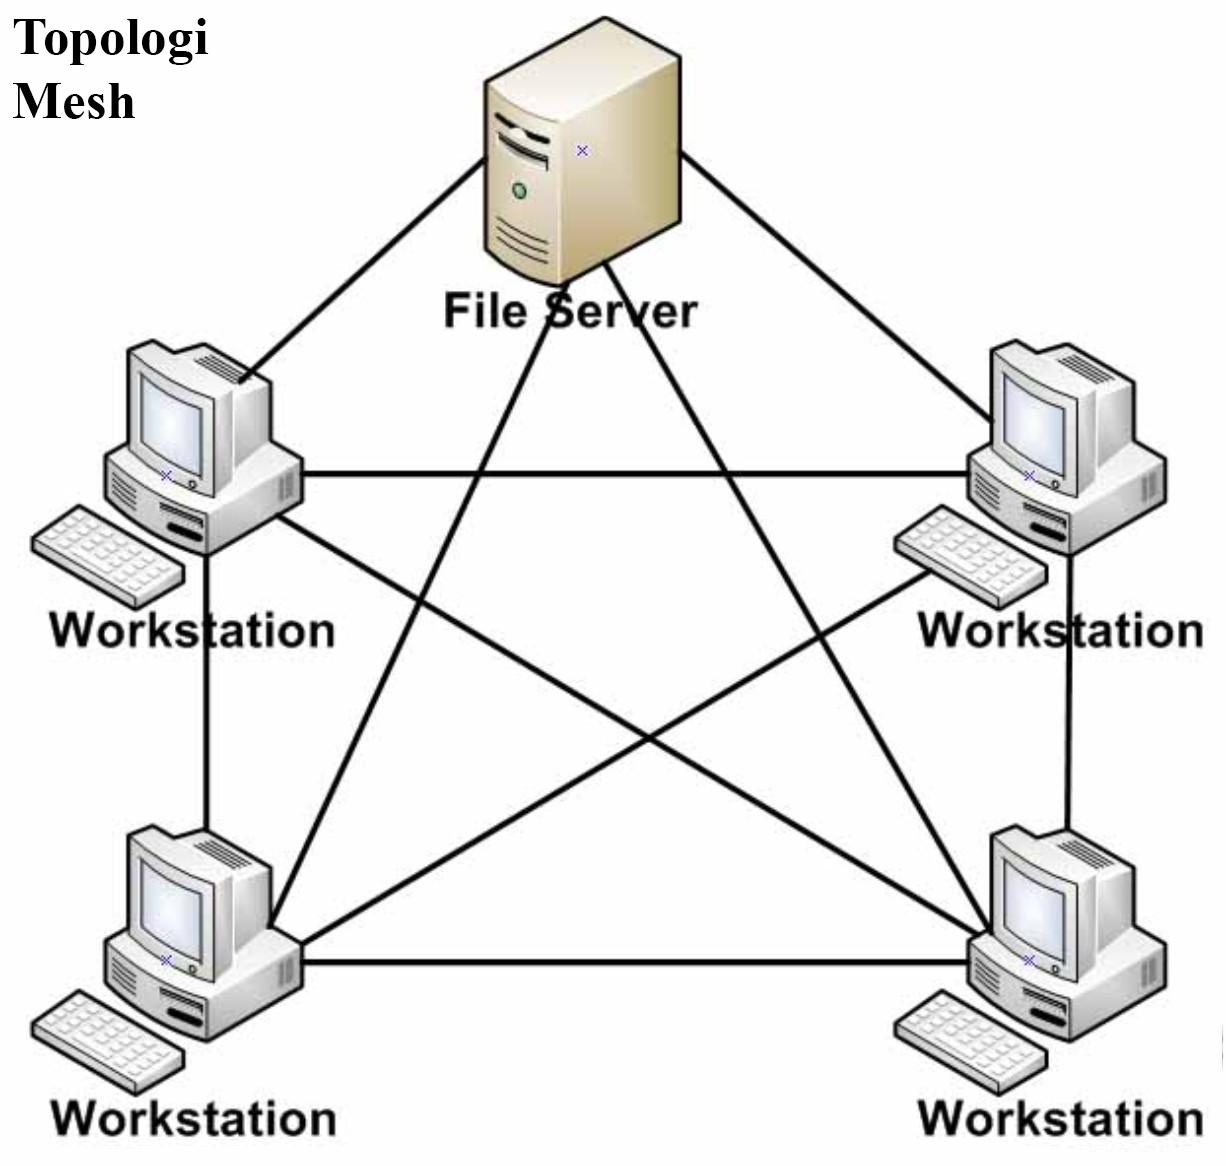 8 topologi jaringan komputer lengkap kelebihan dan kekurangannya topologi jaringan mesh ccuart Gallery